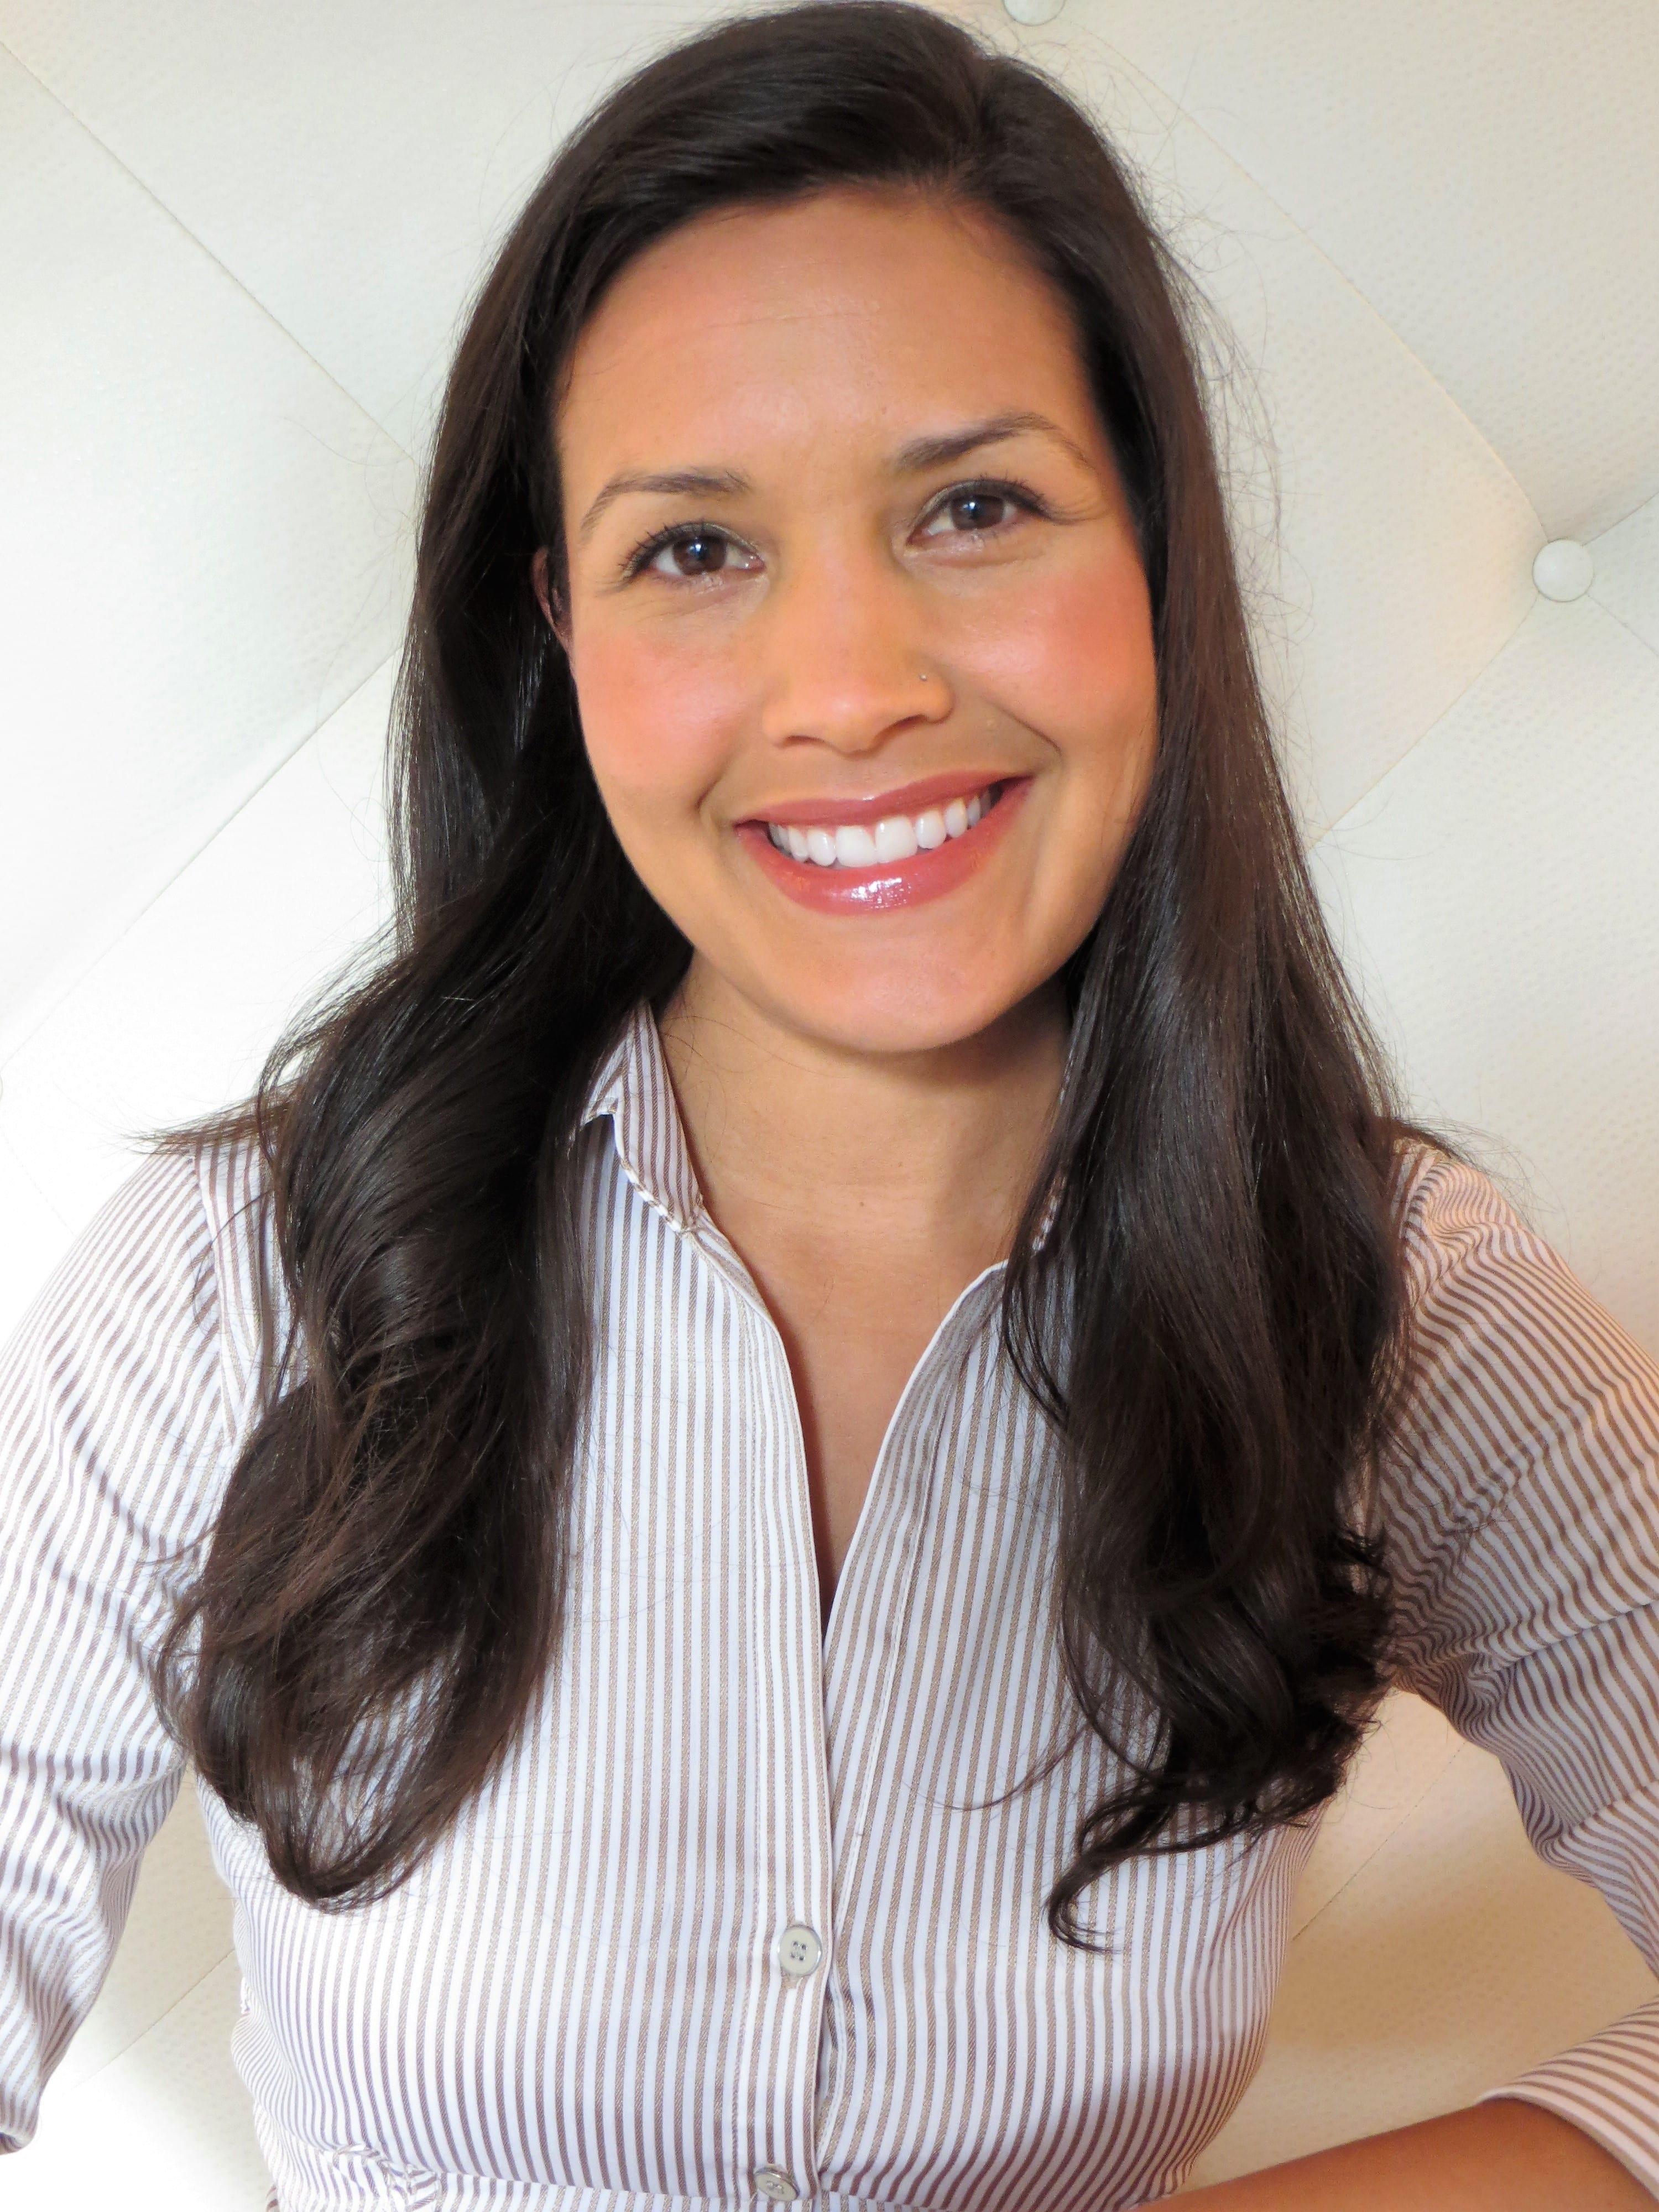 Monique Curnen